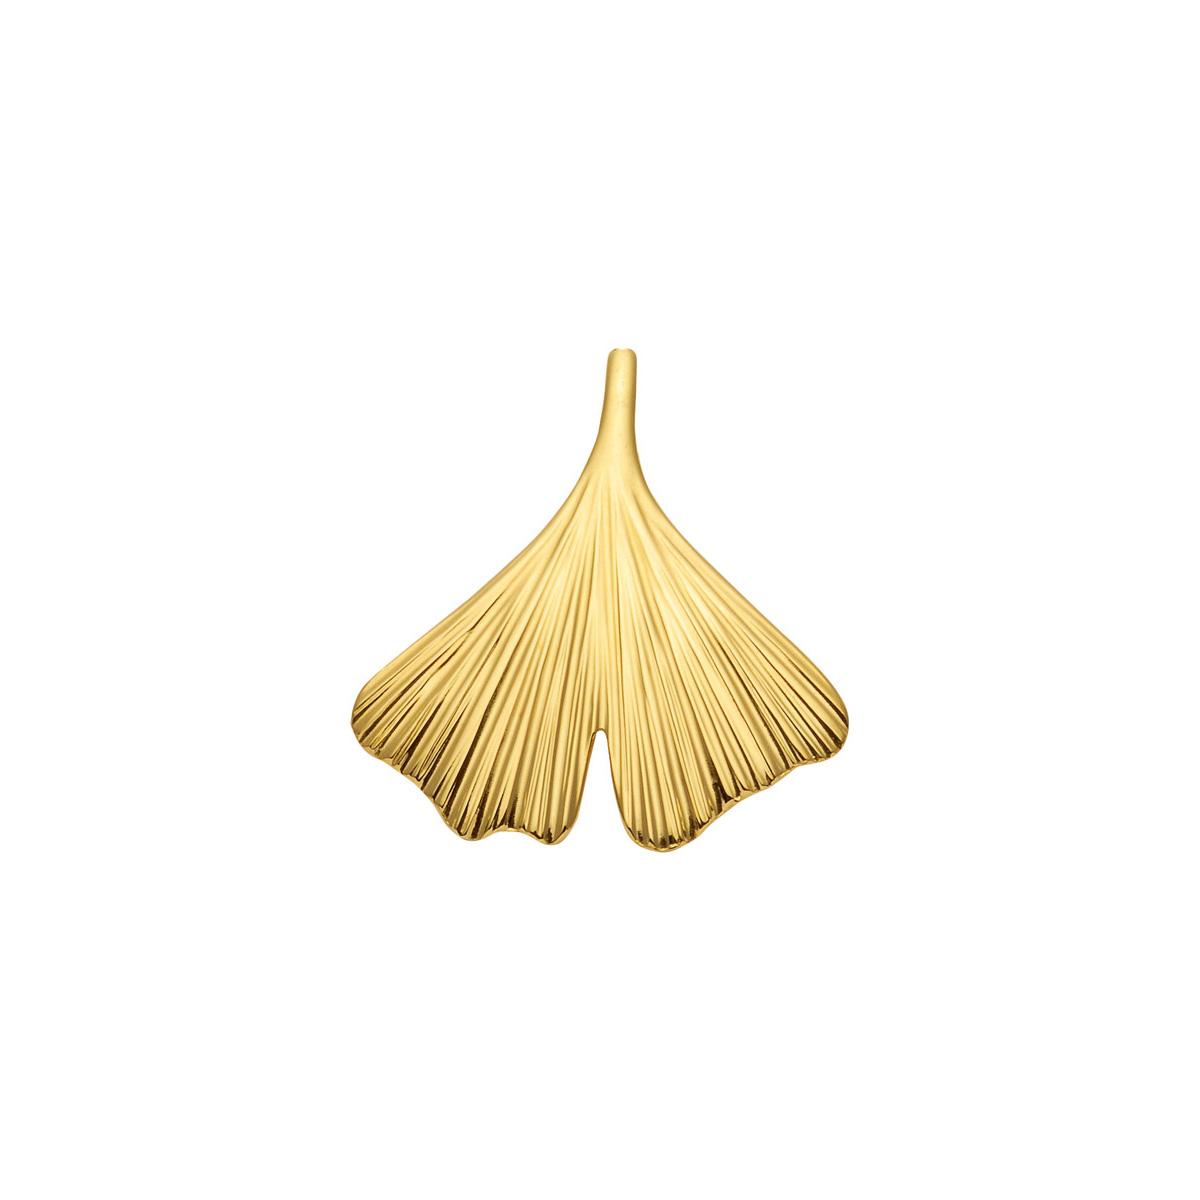 87814 Ginkgo blad vedhæng i guld